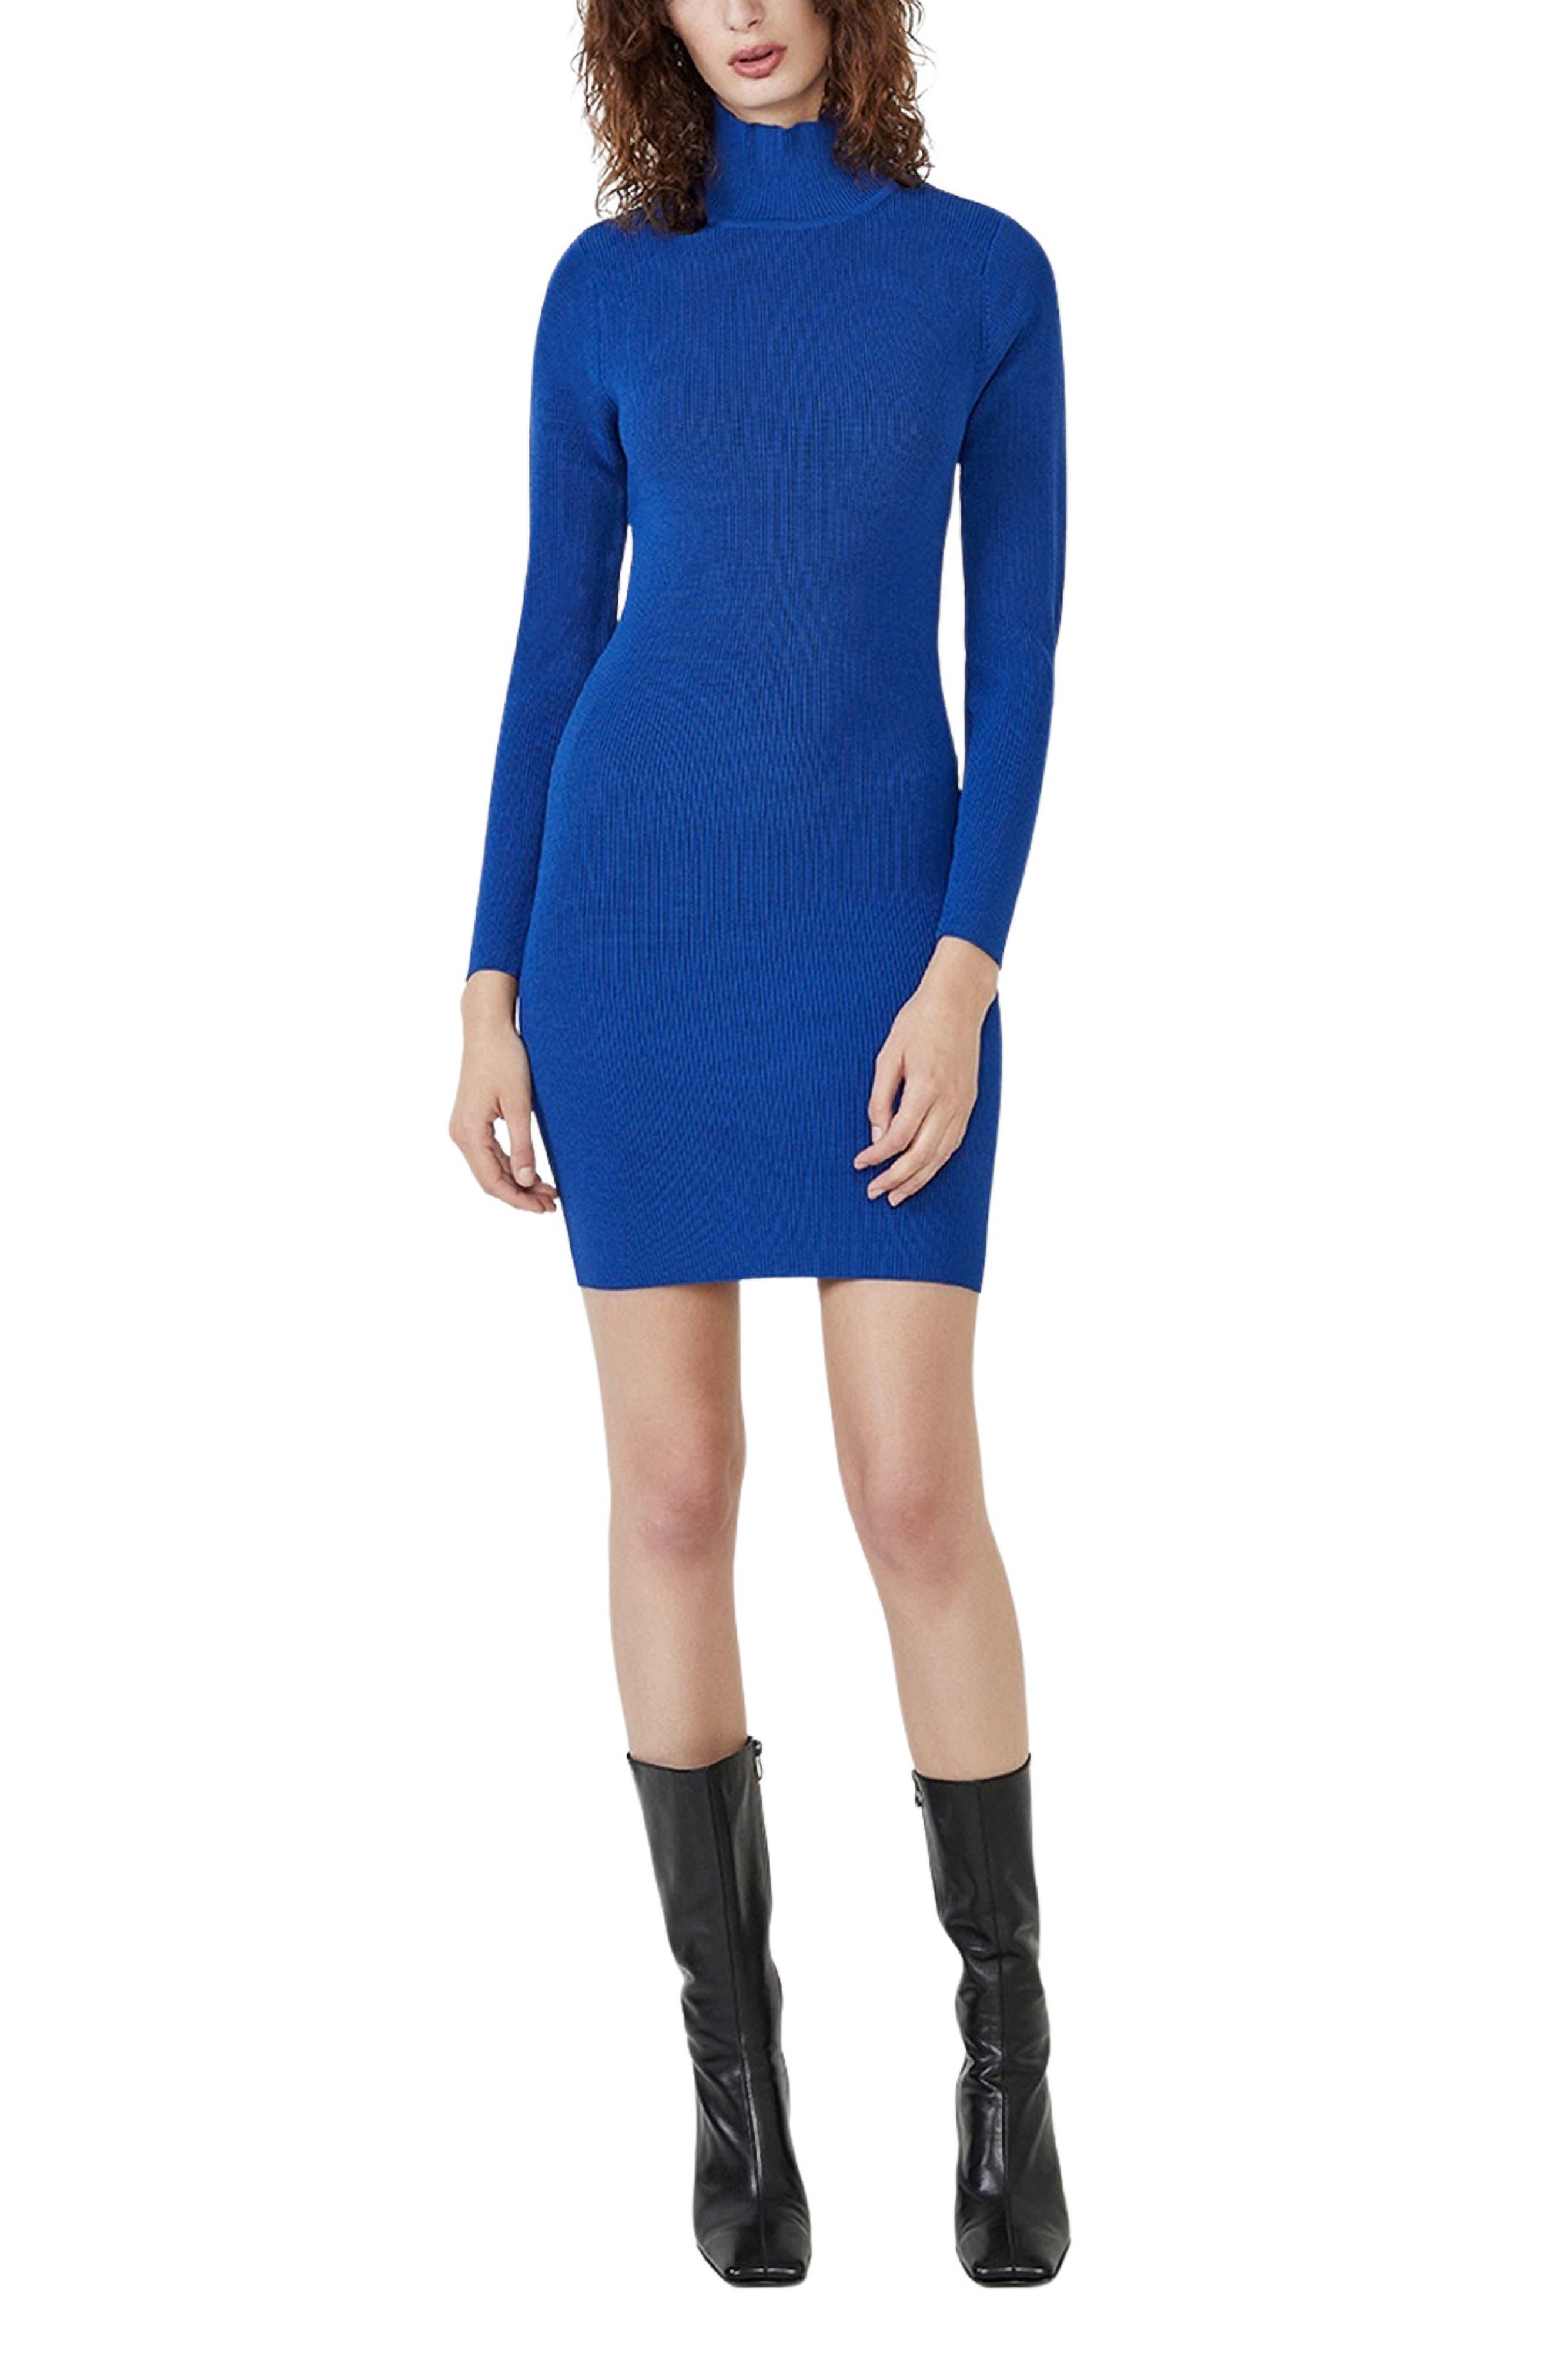 Elin Long Sleeve Open Back Turtleneck Dress